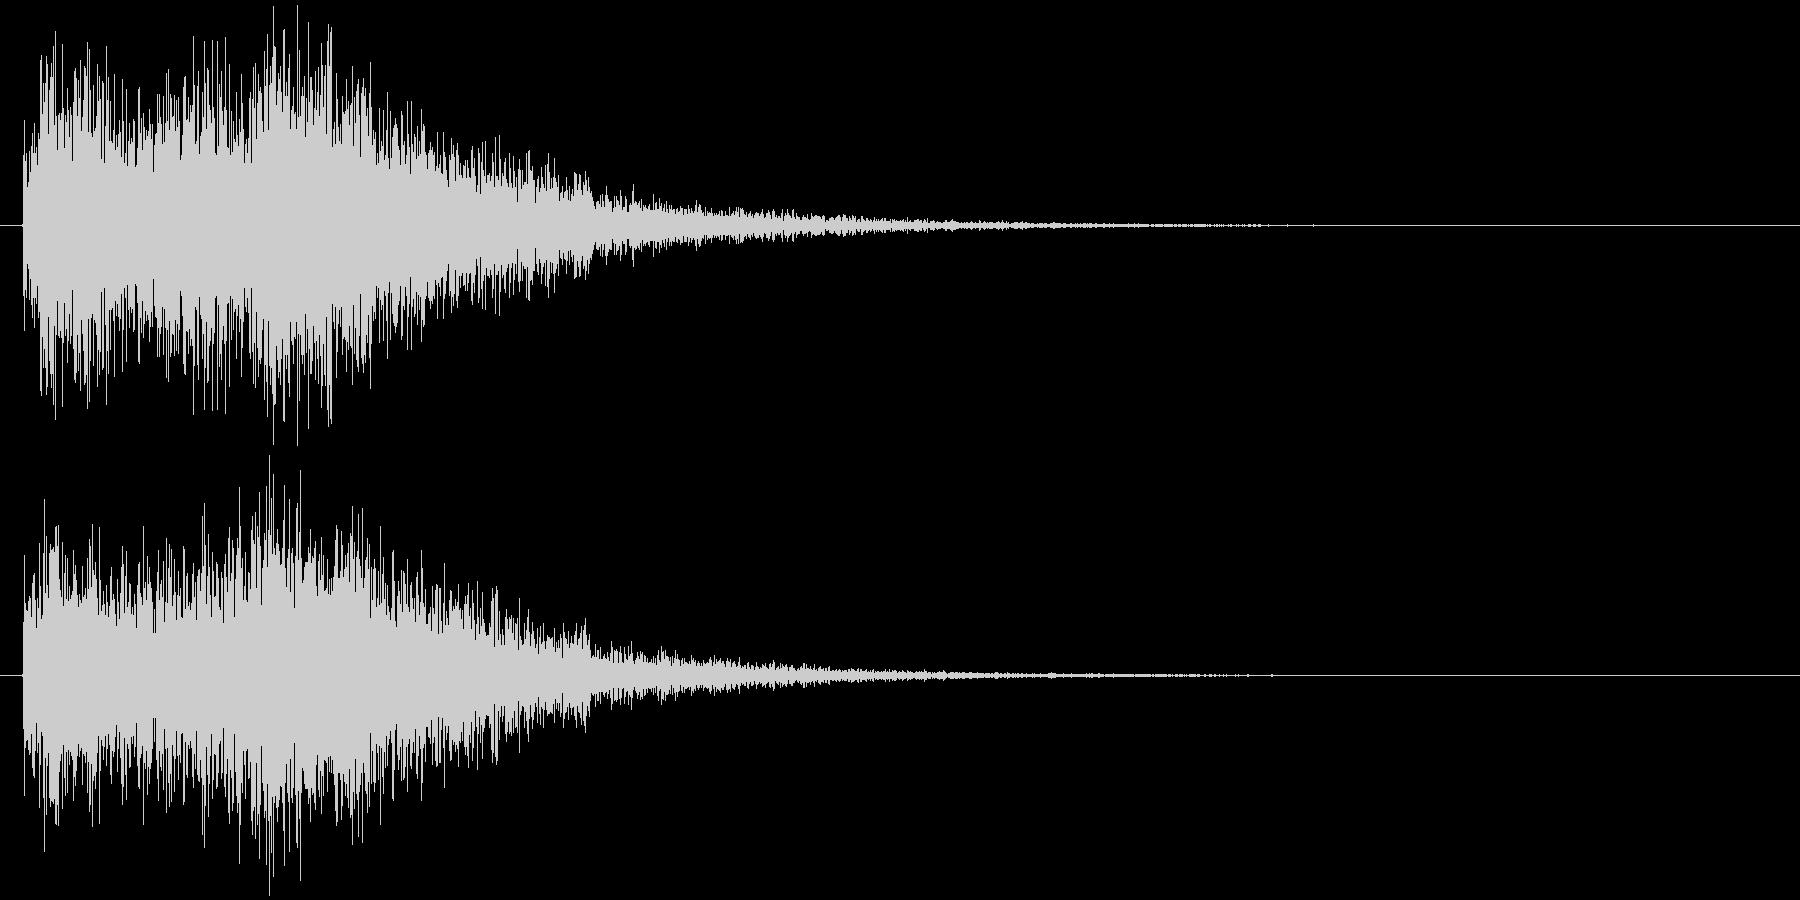 クイズ出題音(ジャカジャン!)の未再生の波形